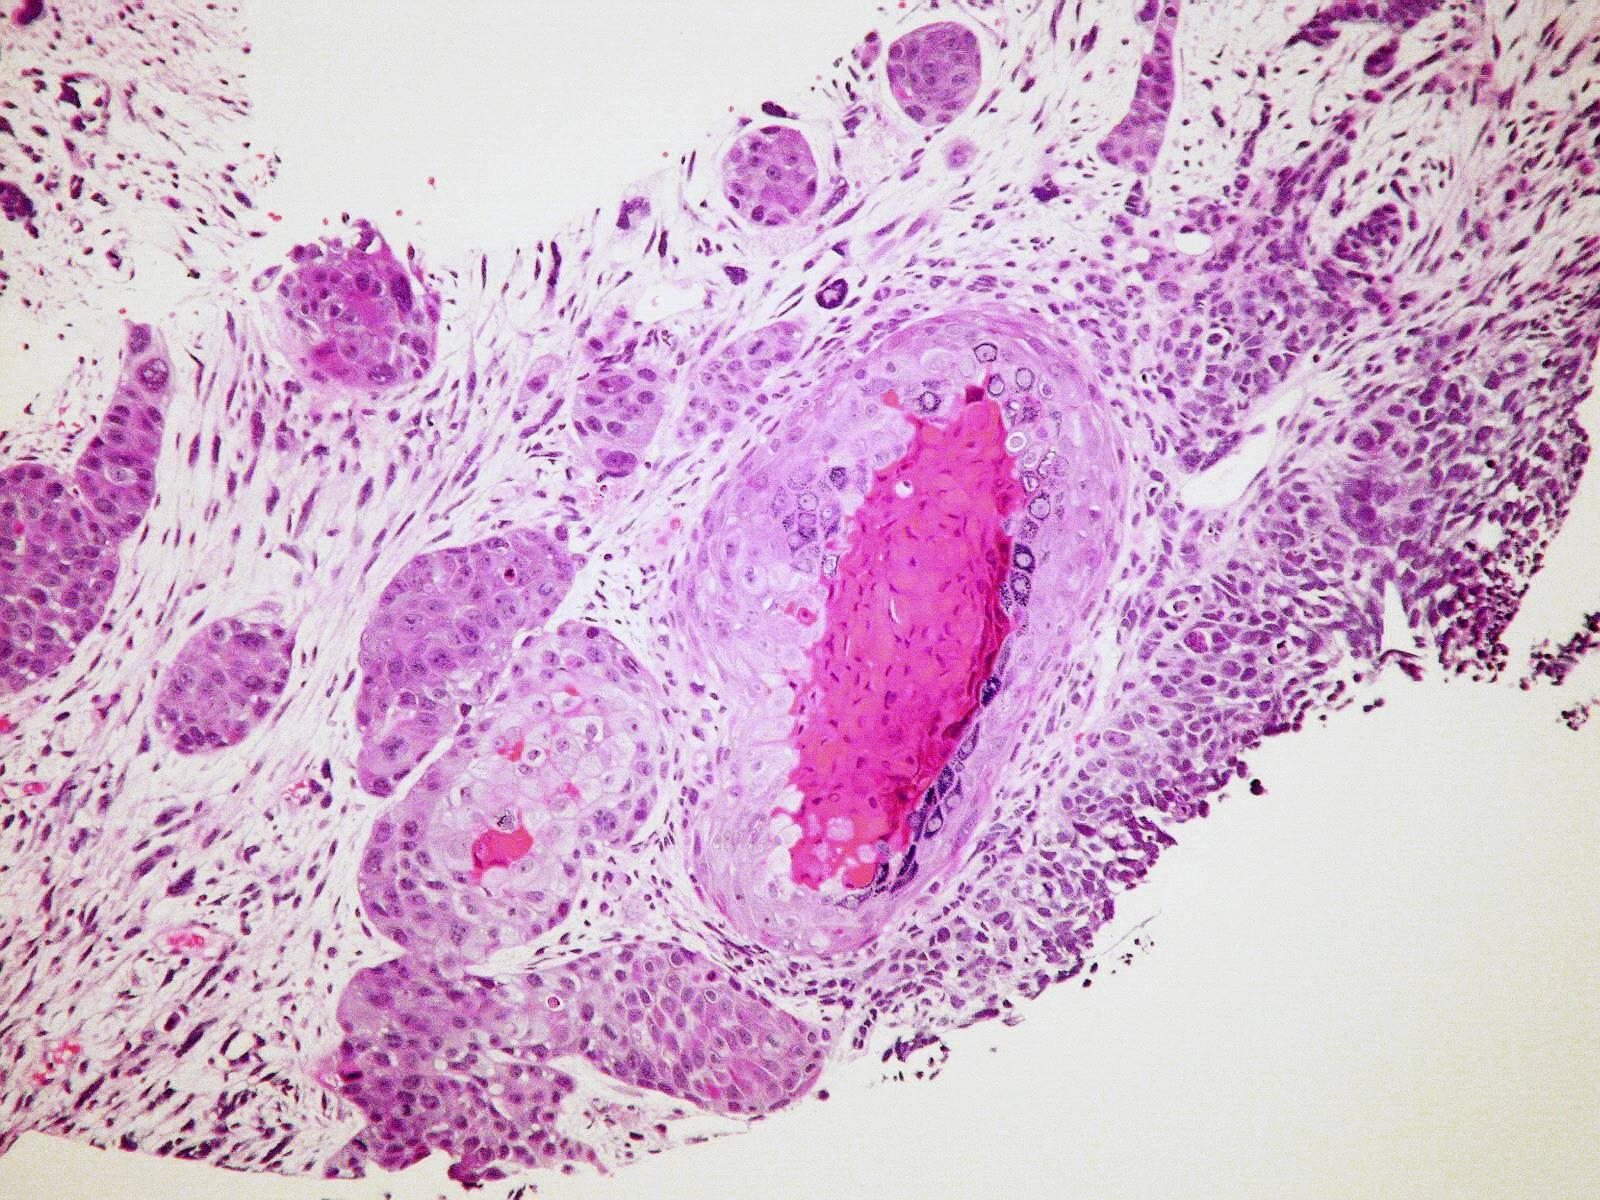 Une photographie libre de droit de cellules observées au microscope (CC)